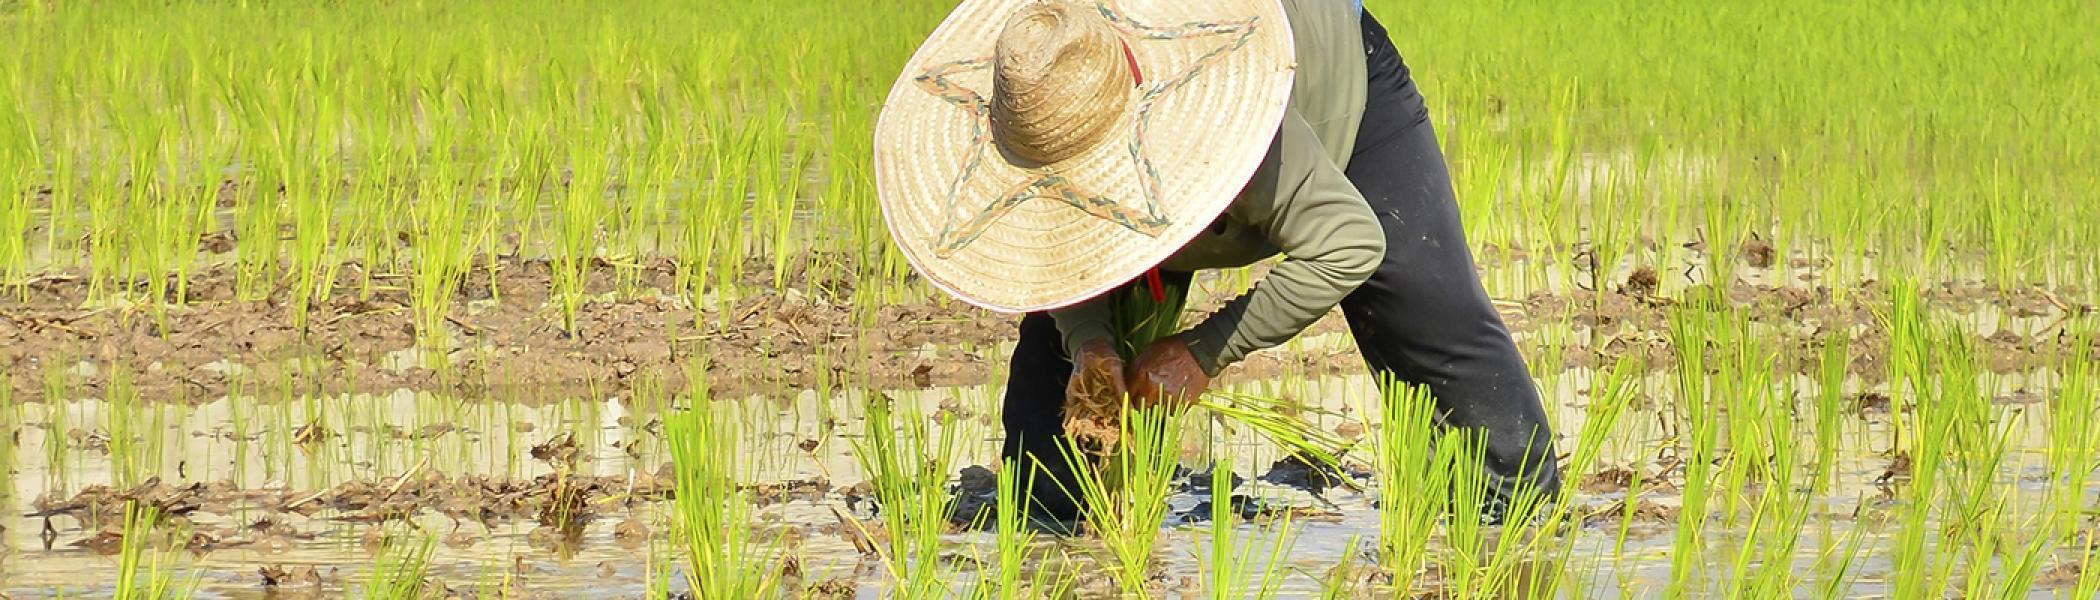 A farmer working in a field.